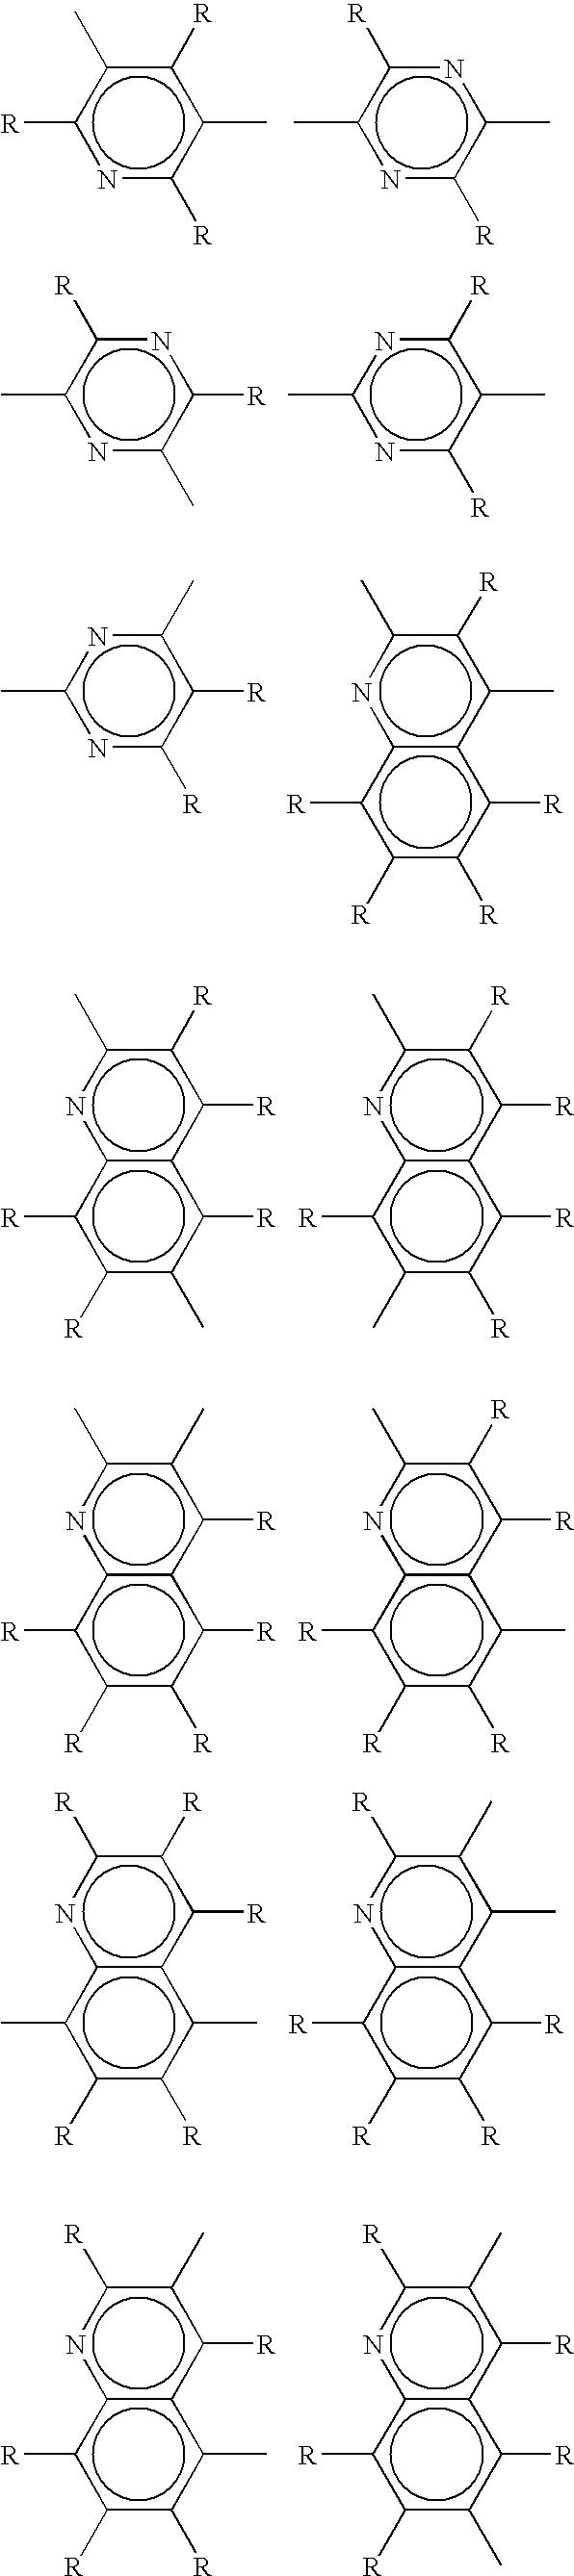 Figure US20070248842A1-20071025-C00008